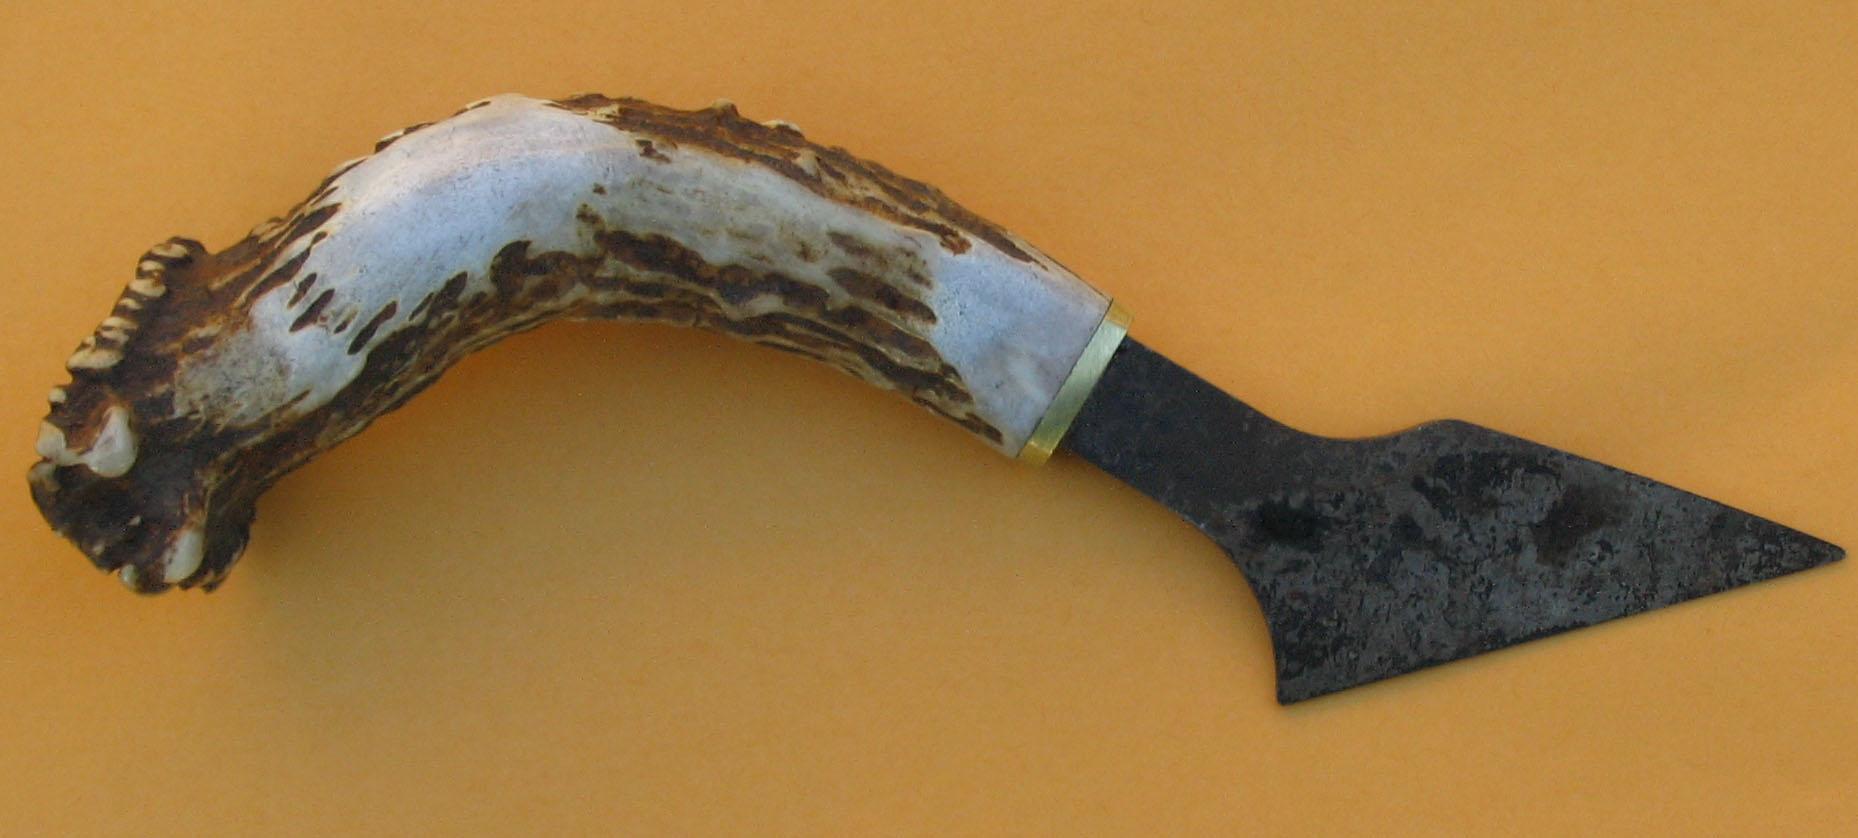 Image for Viking-style Slicer.